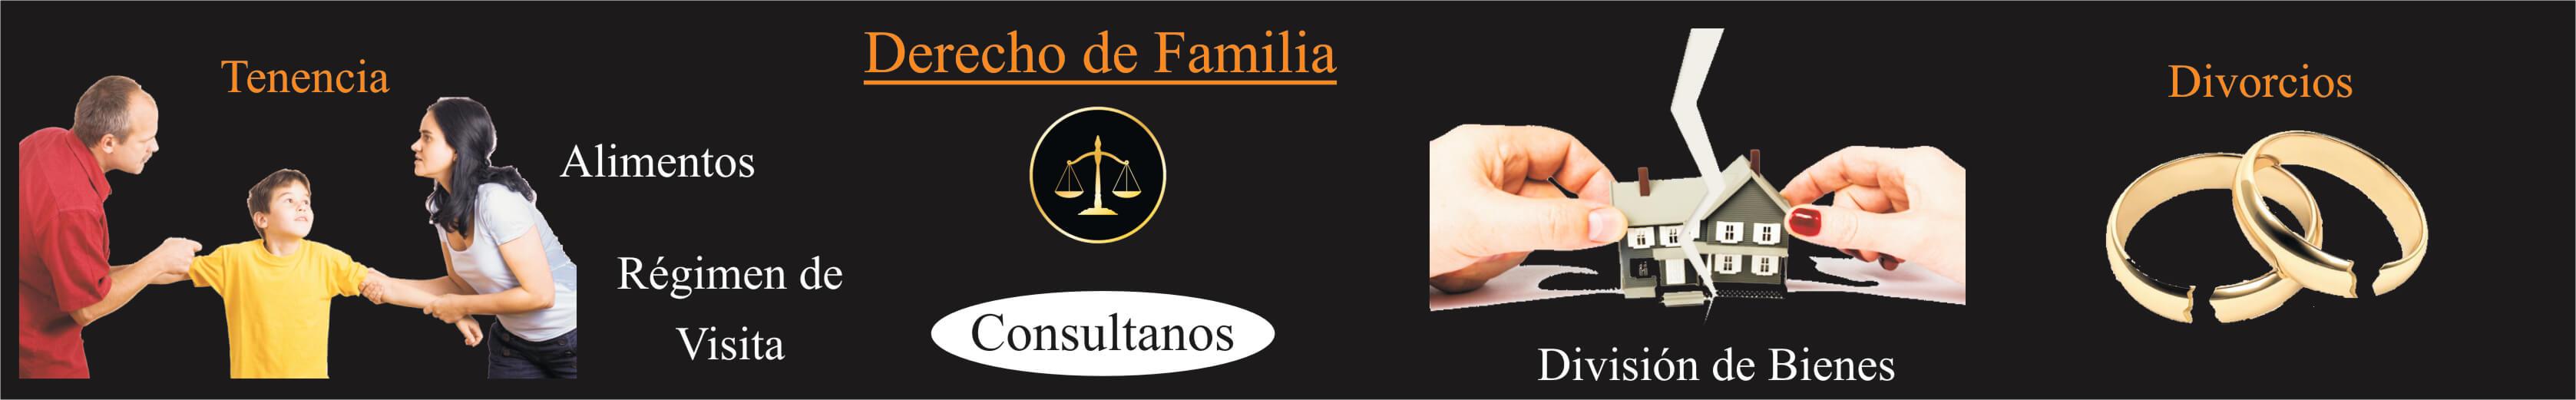 banner derecho de familia principal